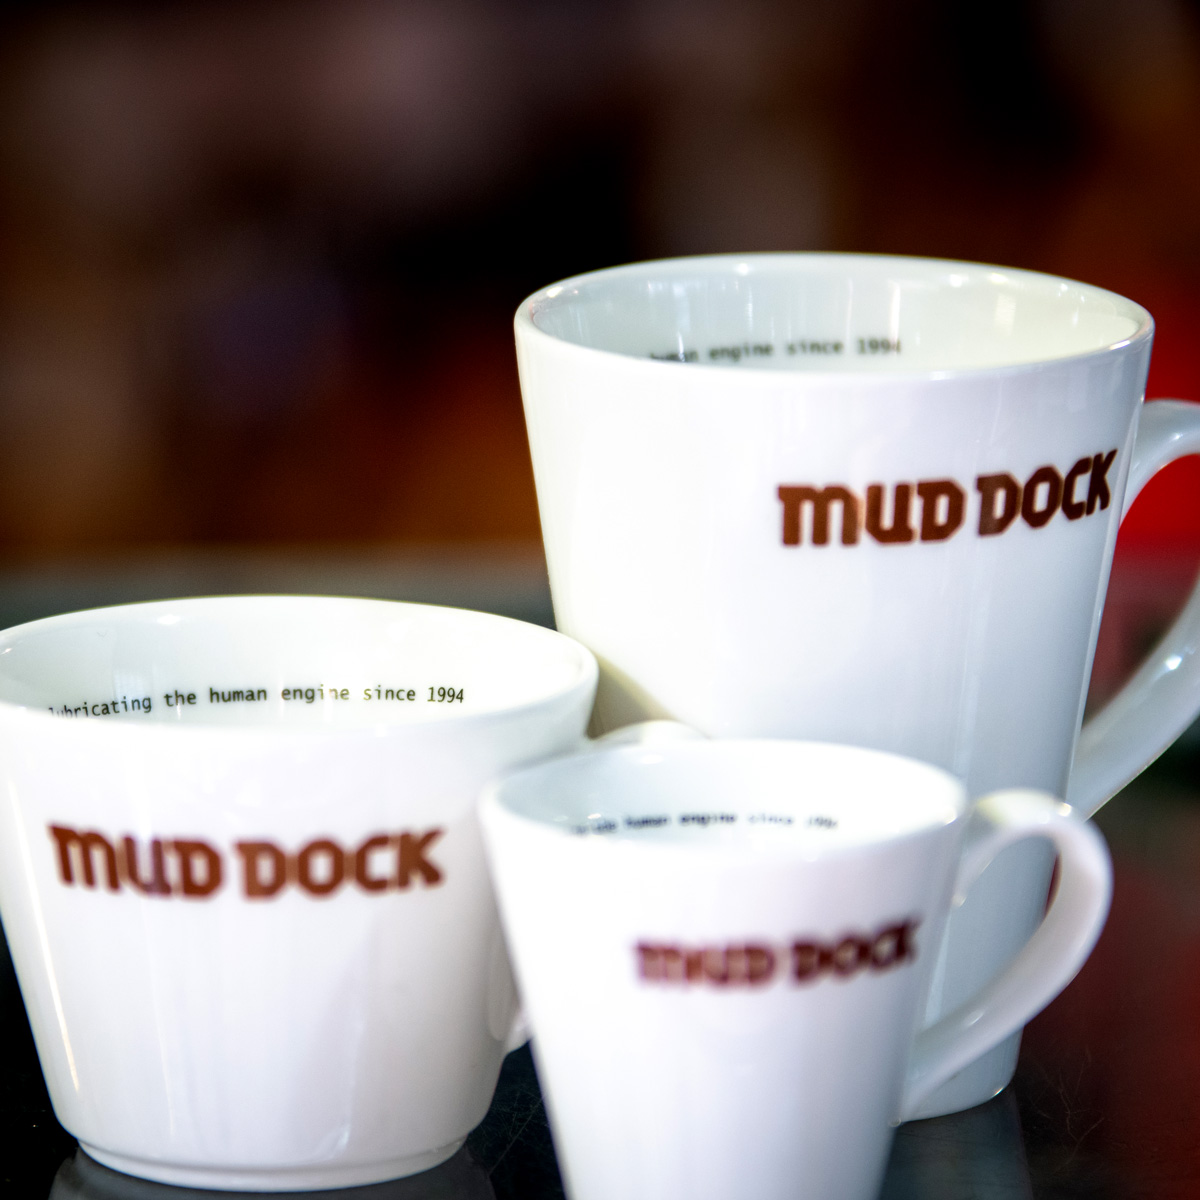 Mud Dock coffee cups